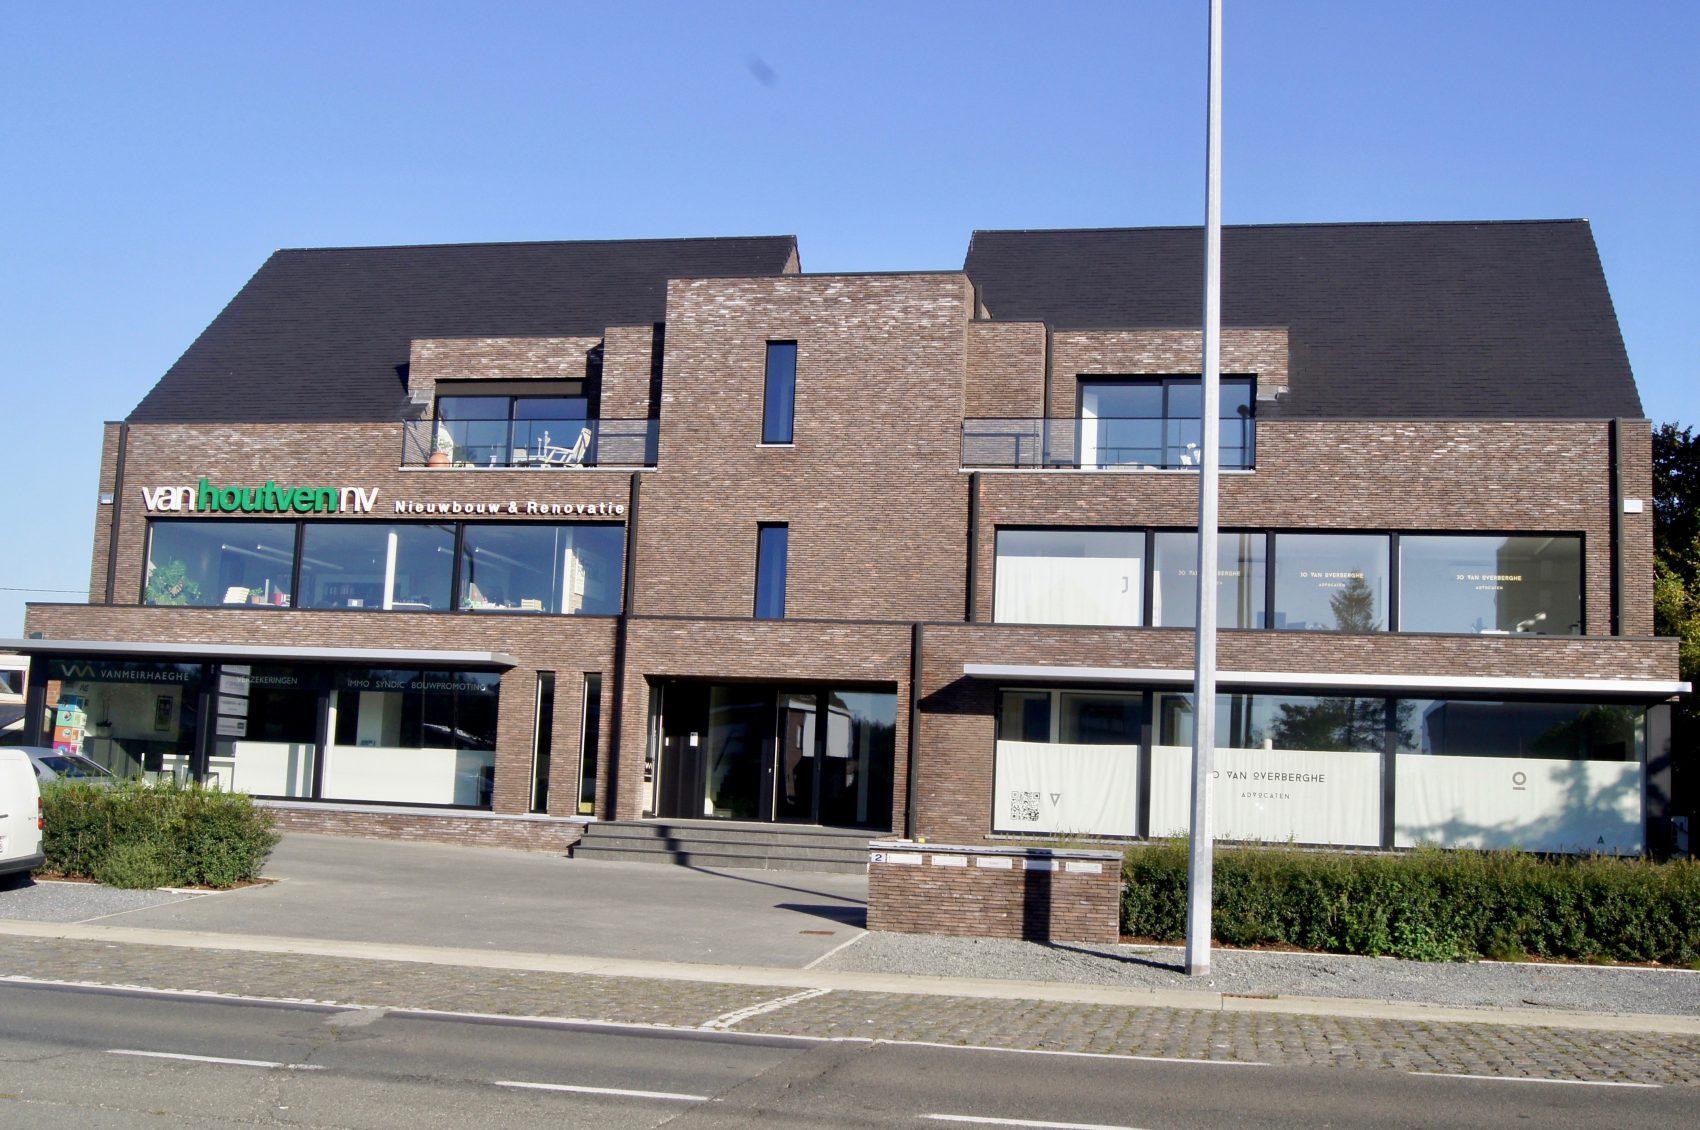 appartement-handelspand-nieuwbouw